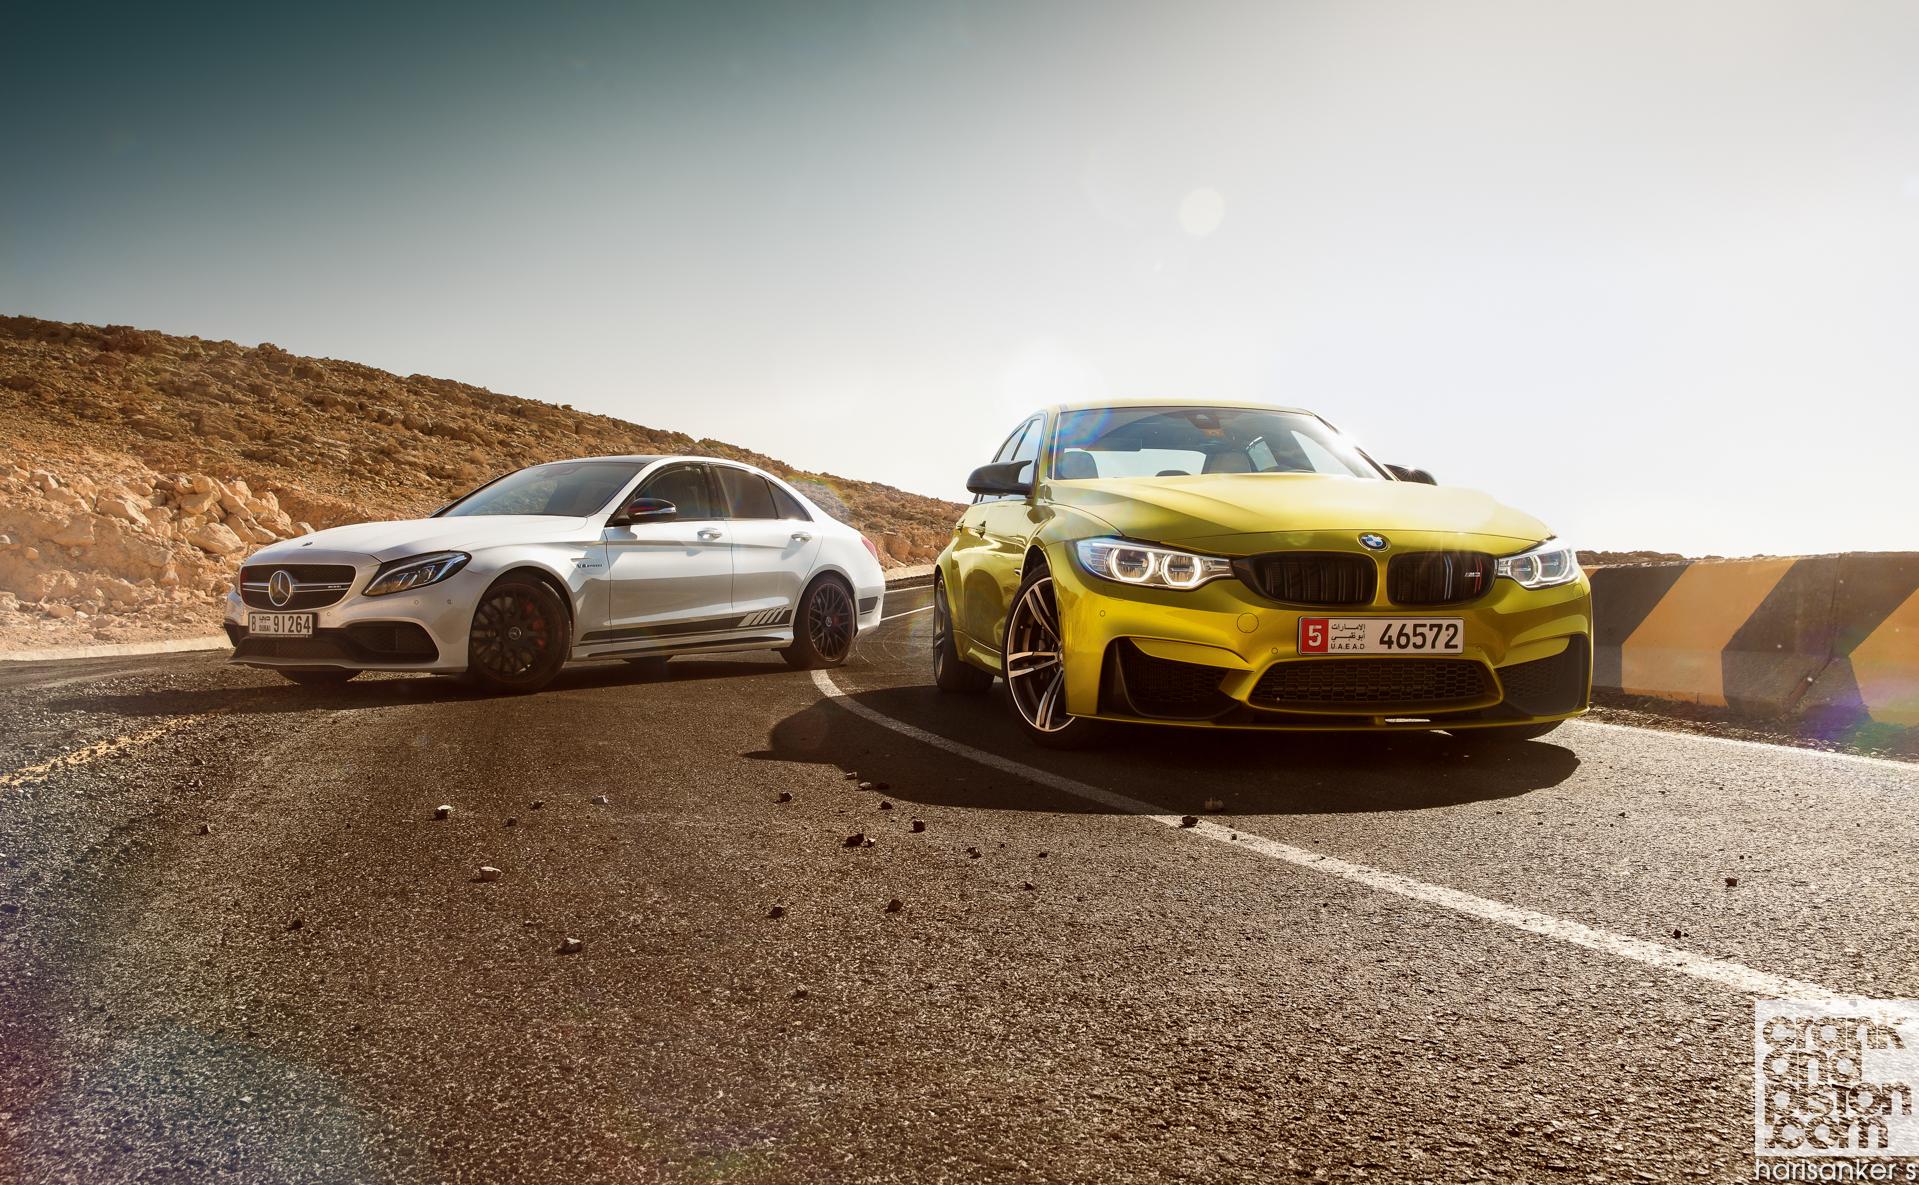 Cadillac-ATS-V-vs-BMW-M3-vs-Mercedes-AMG-C-63-S-5